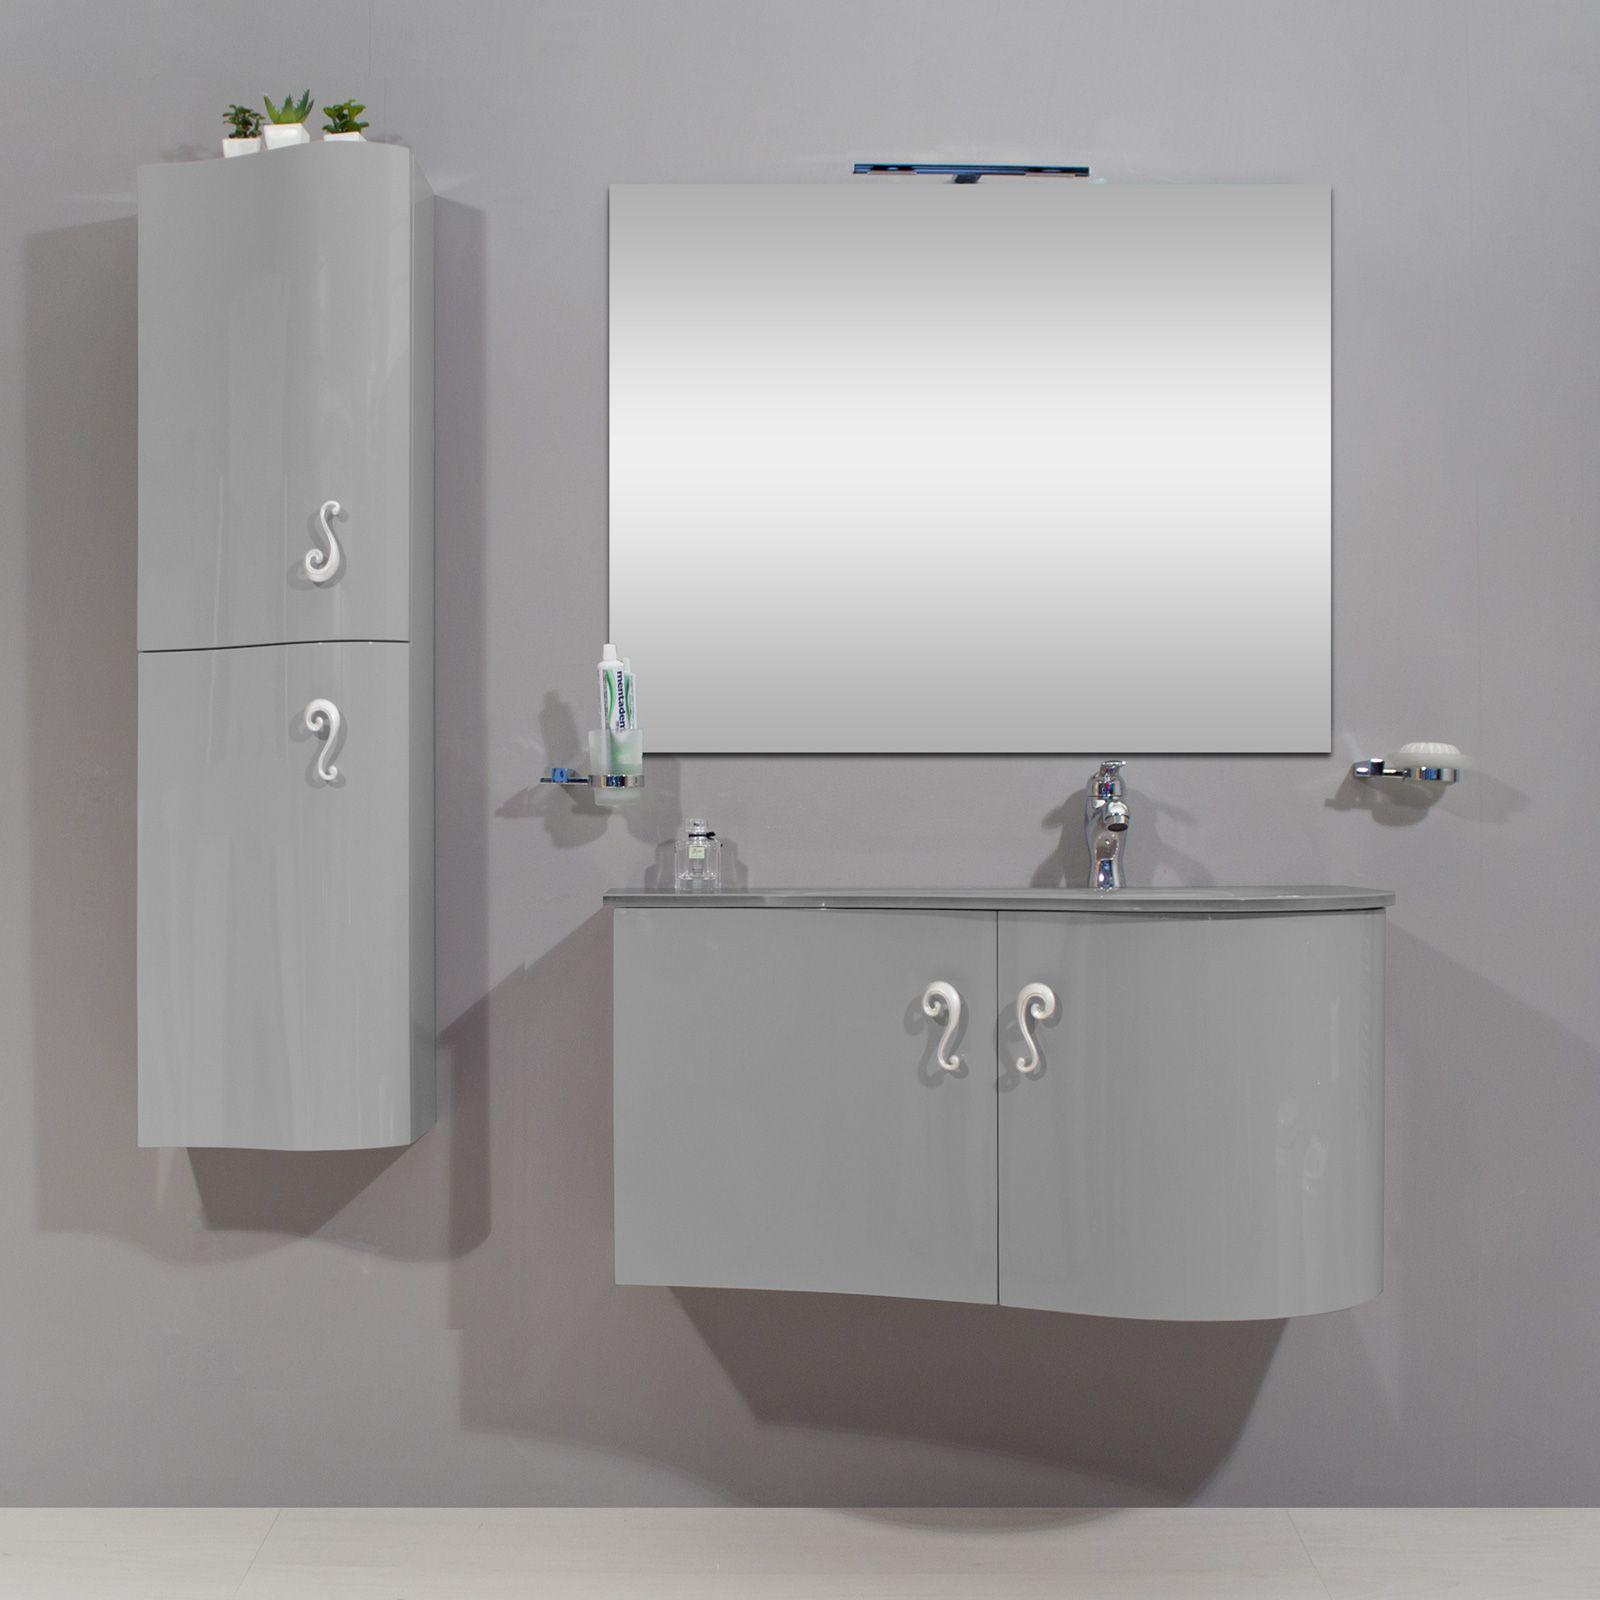 Mobiletto industrial style offerte - Mobiletto bagno da appendere ...